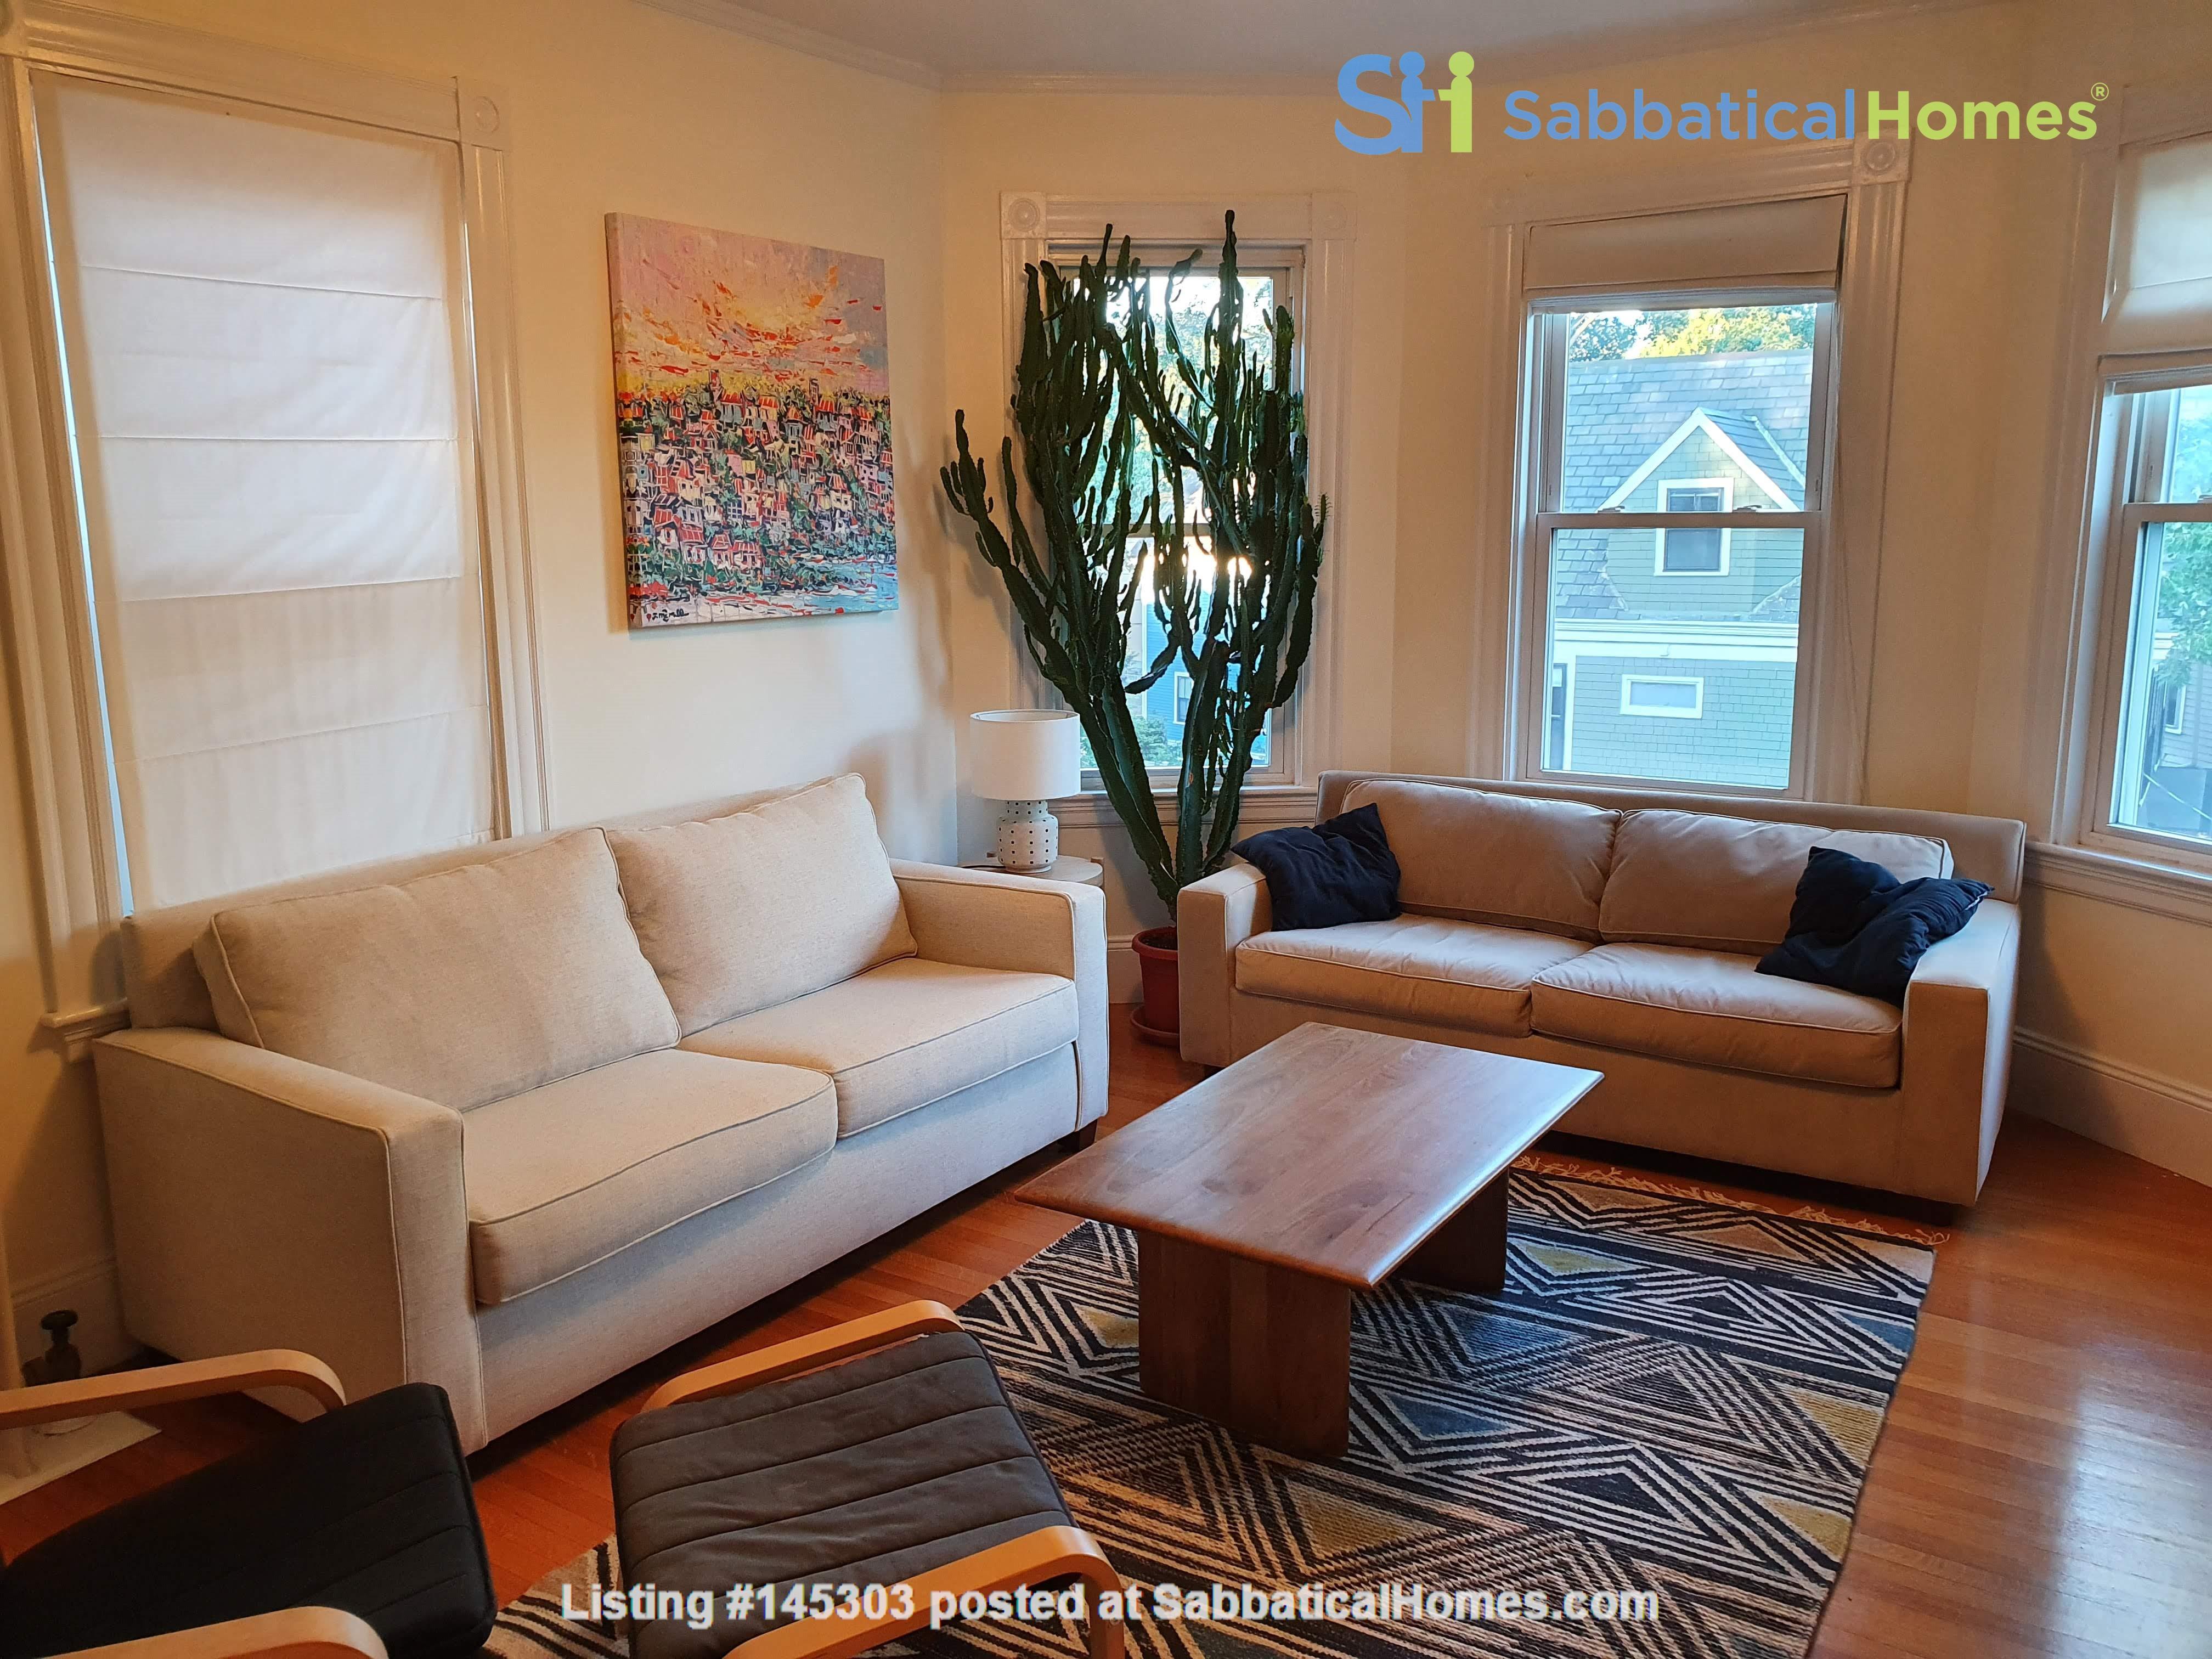 Cambridge third floor bright condo near Harvard Square Home Rental in Cambridge, Massachusetts, United States 4